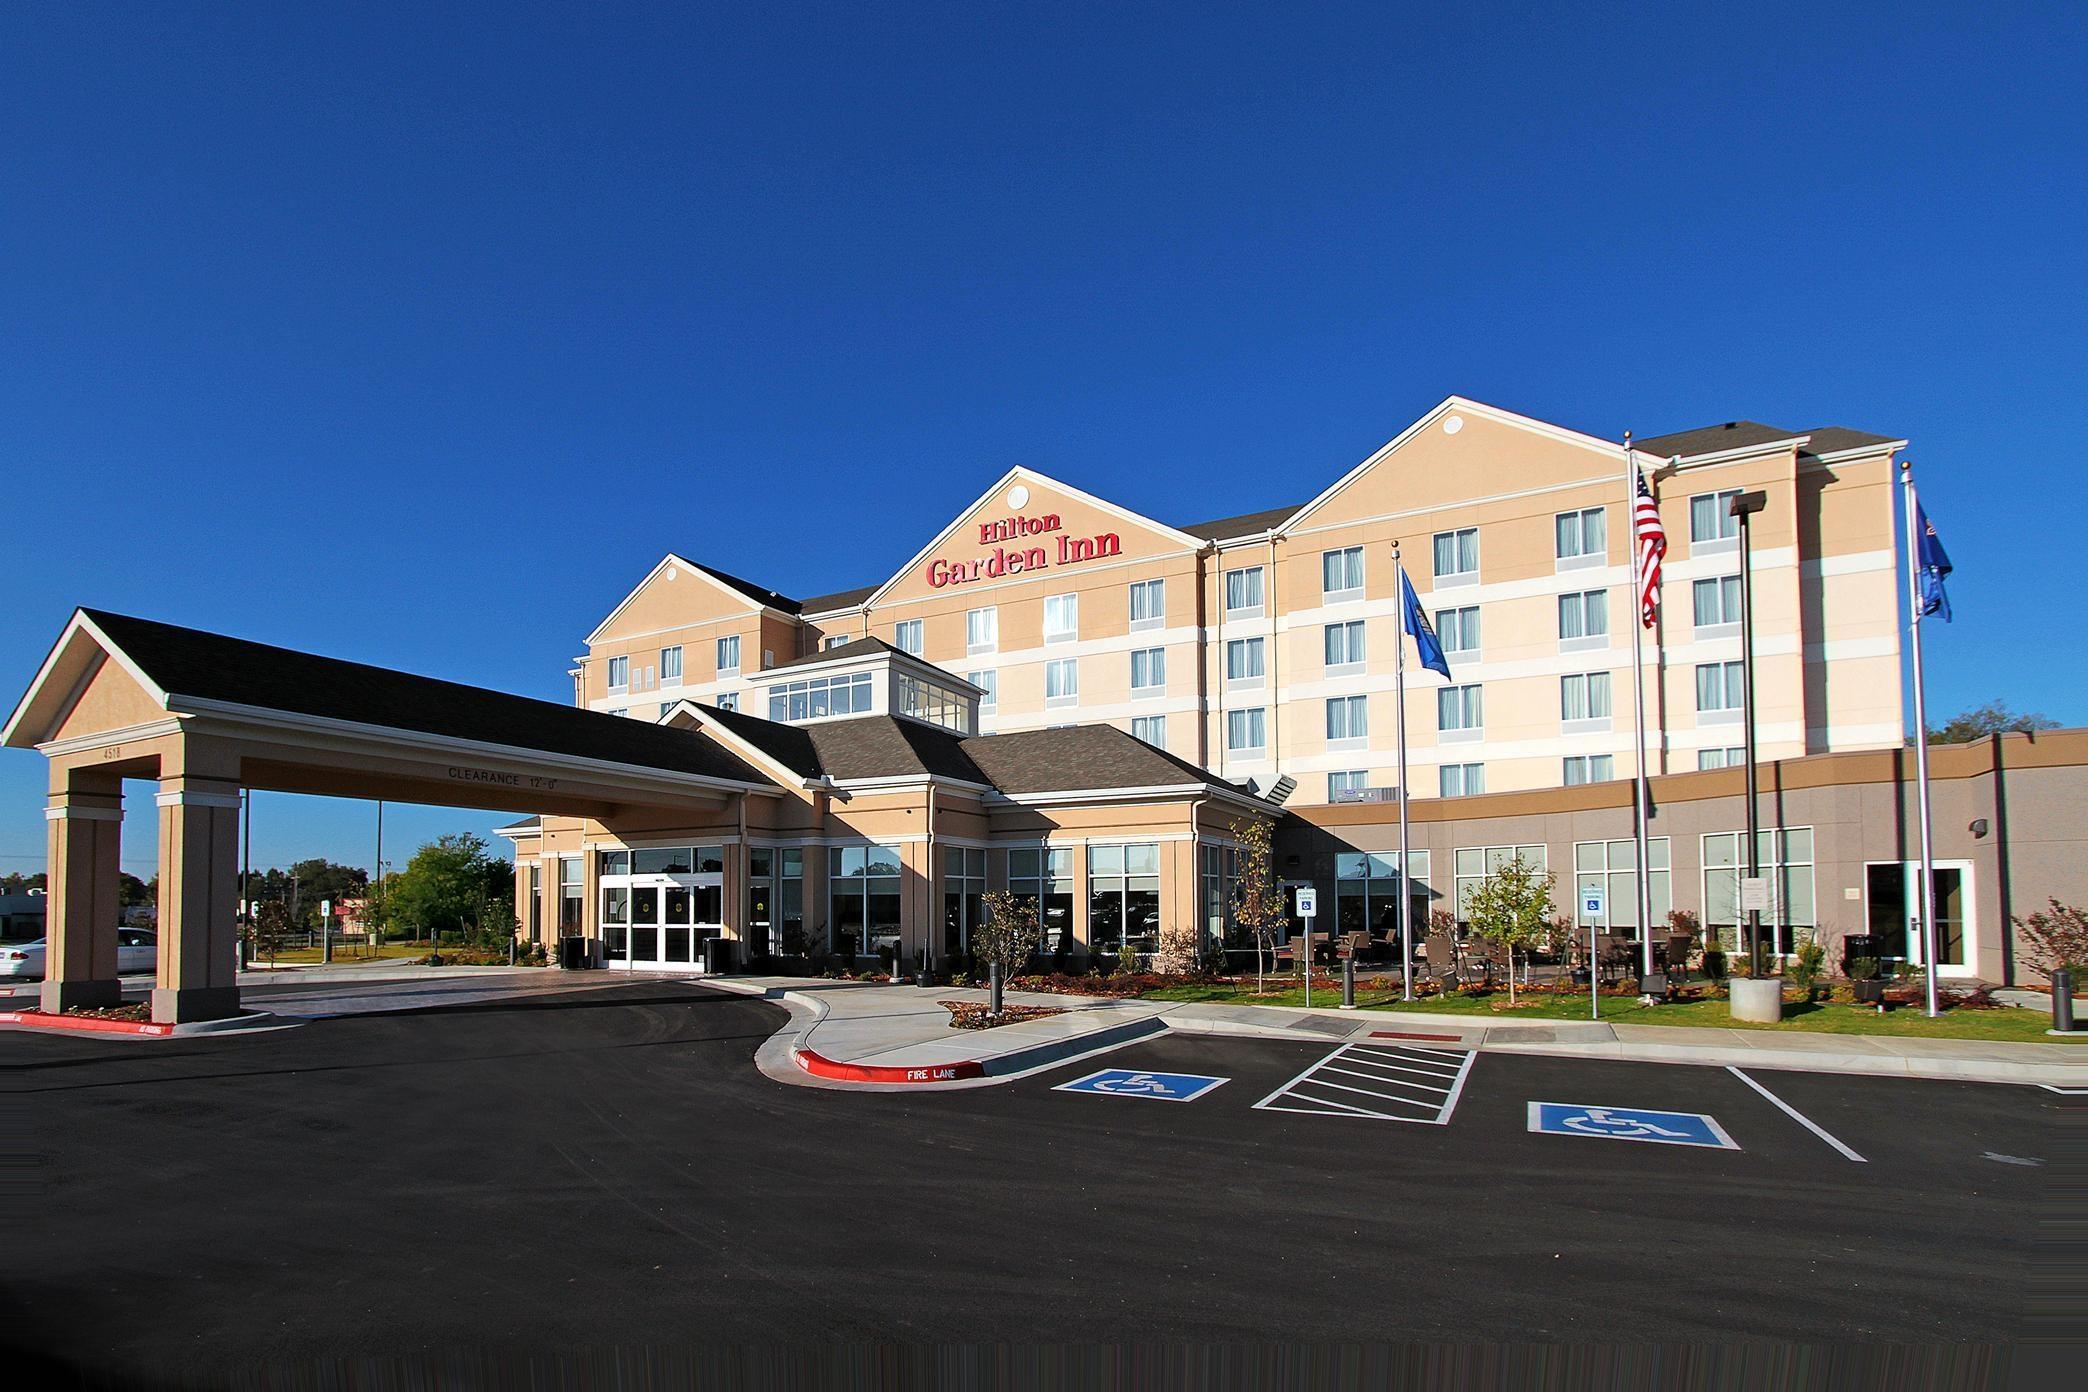 Hilton Garden Inn Tulsa Midtown image 0